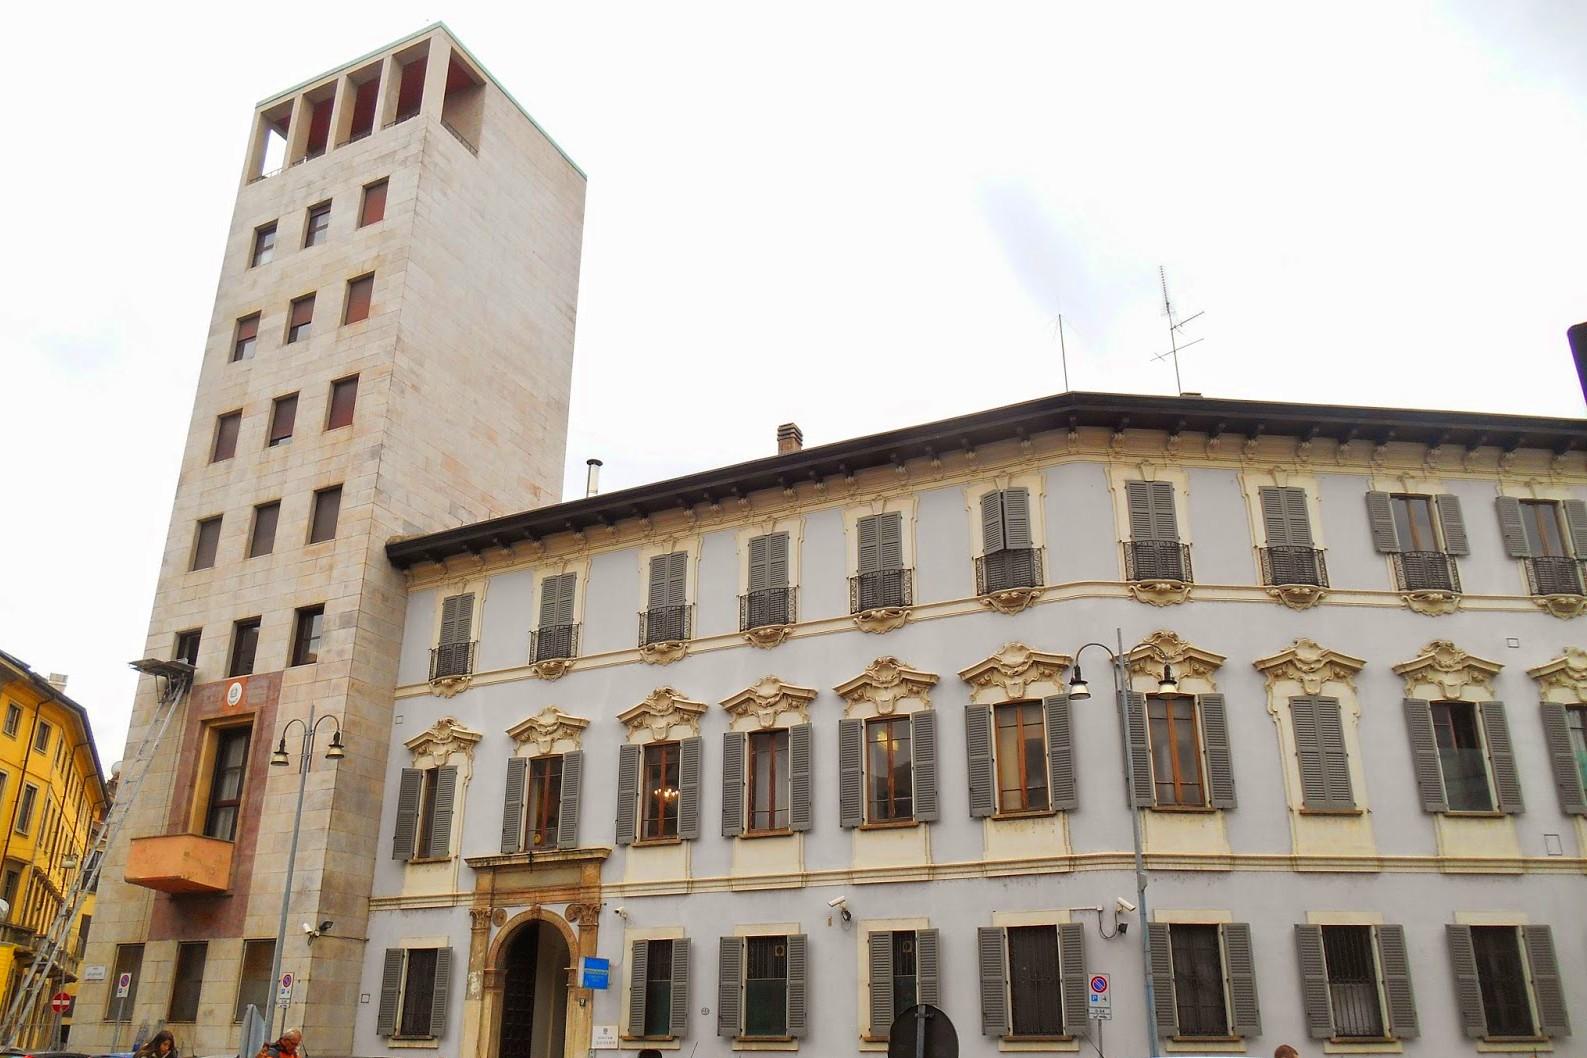 Visita guidata Milano regime fascista